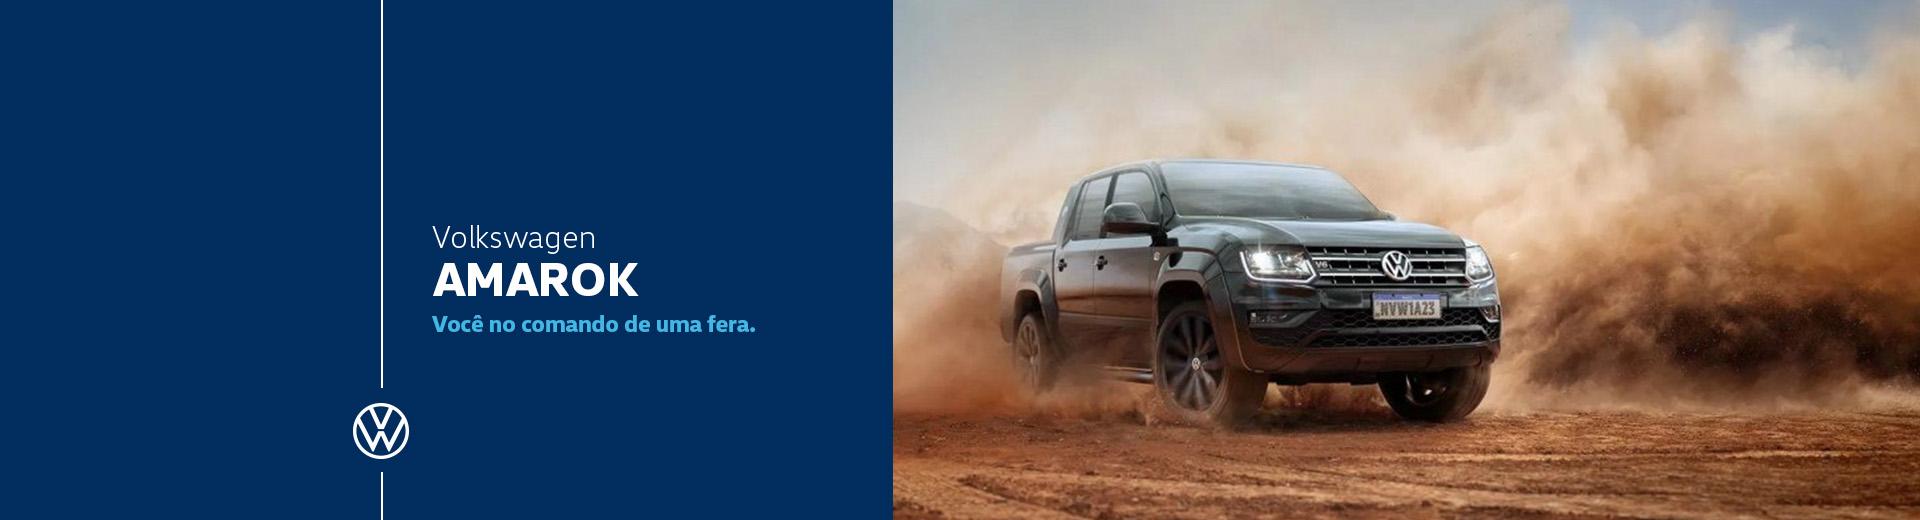 Novo Volkswagen Amarok para Comprar na Concessionária Autorizada Divosul Volkswagen em Porto União, Santa Catarina, SC